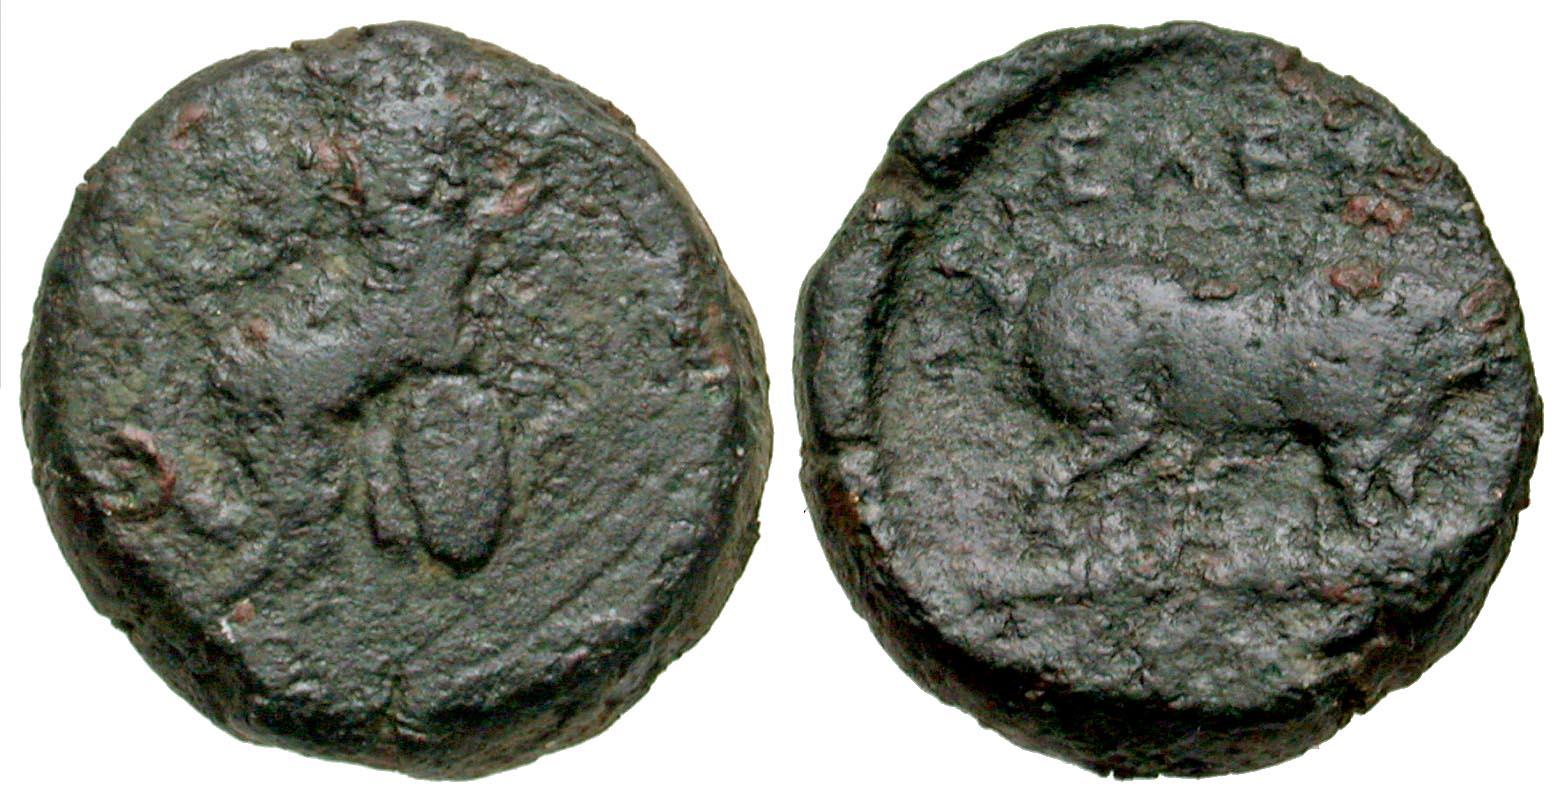 Attica, Eleusis. civic issue. 339-322 B.C. AE 16.